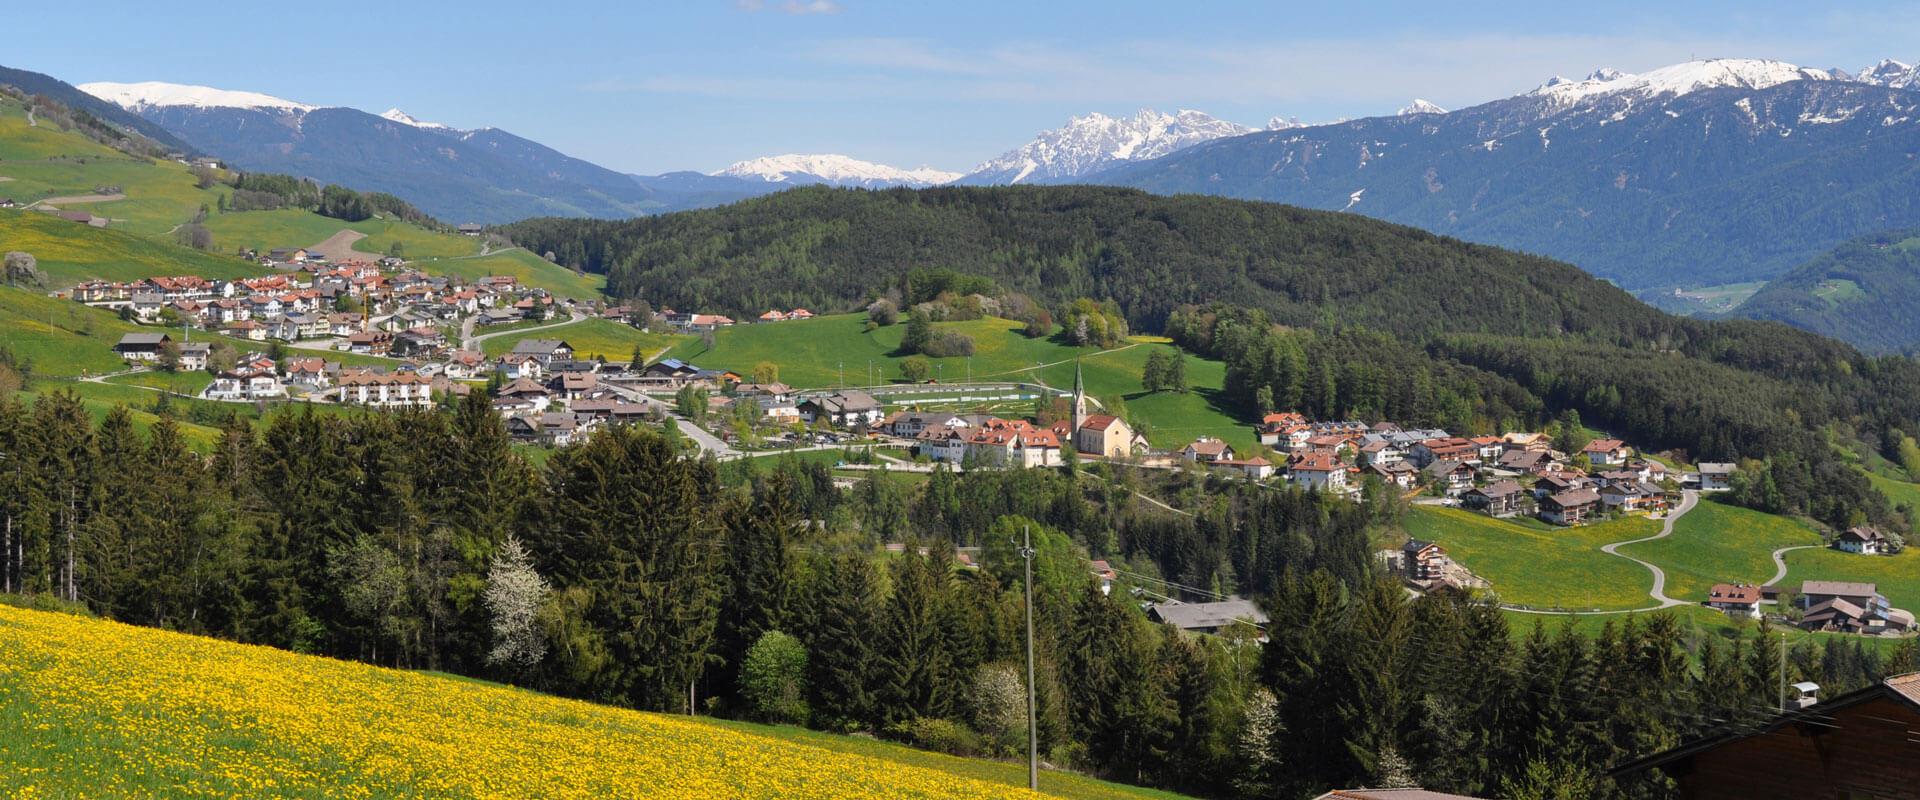 La Val Pusteria – Dove madre natura va in villeggiatura